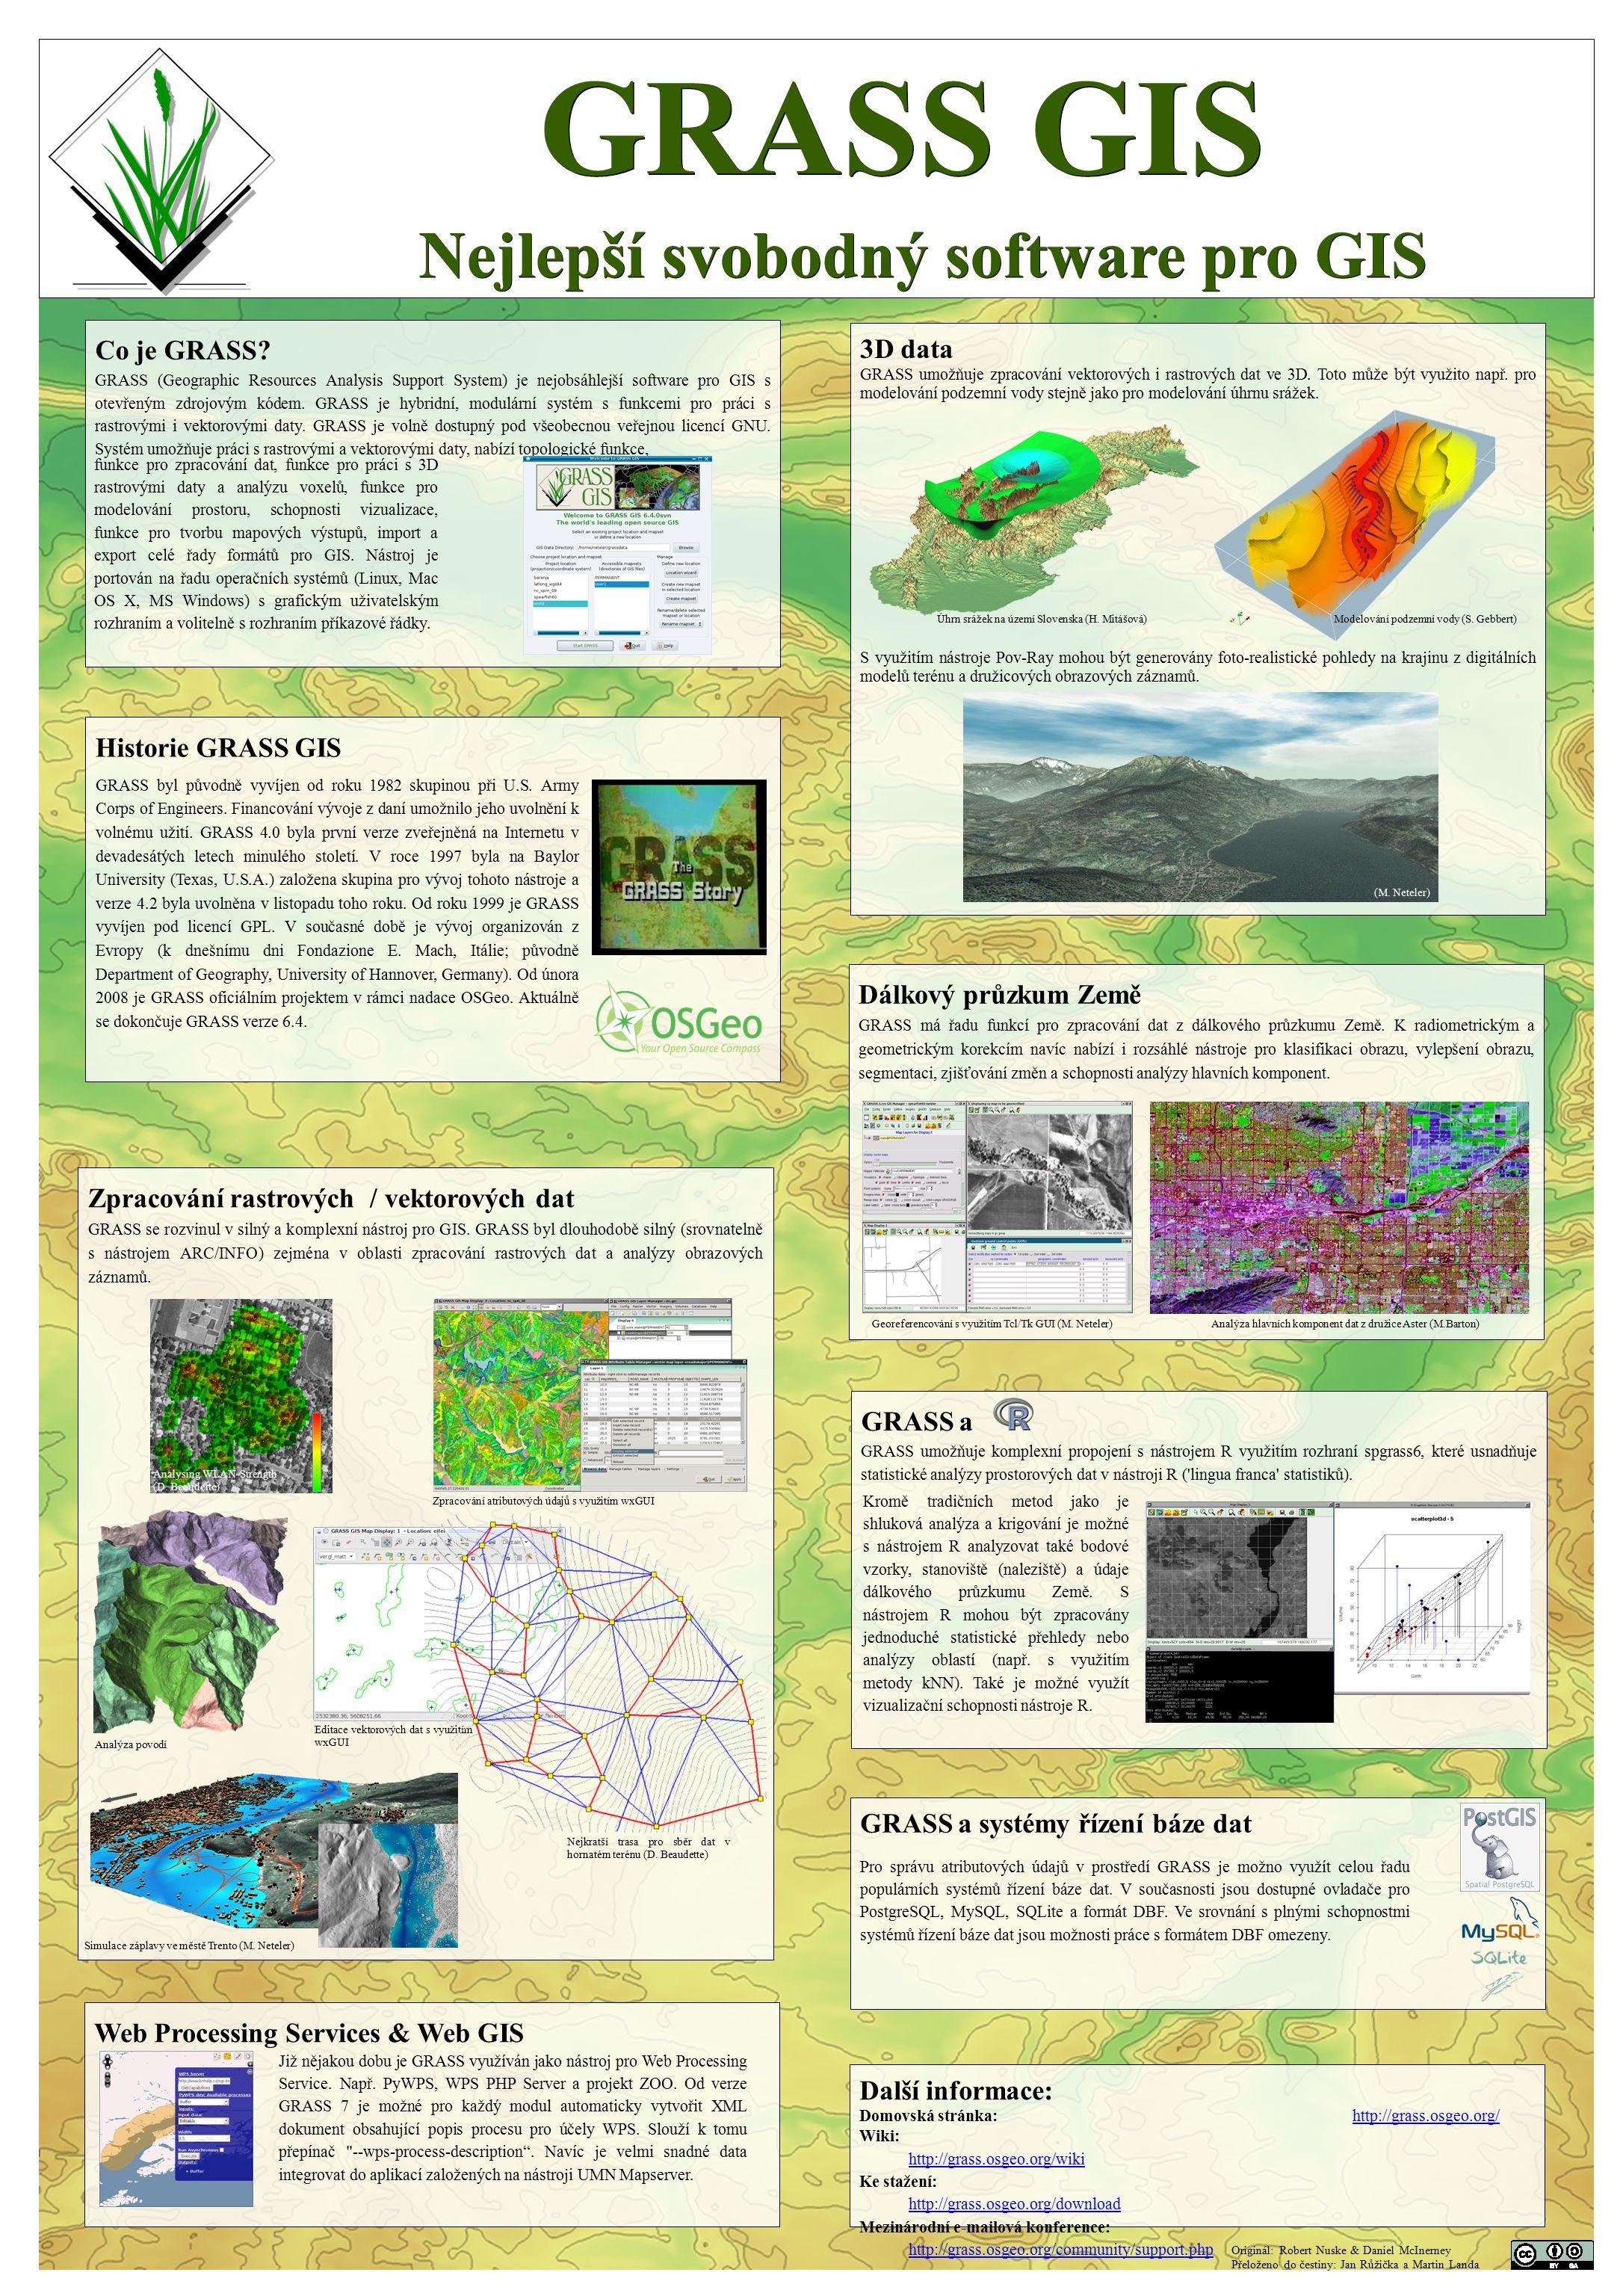 GRASS GIS GRASS GIS Nejlepší svobodný software pro GIS Nejlepší svobodný software pro GIS Další informace: Domovská stránka: http://grass.osgeo.org/ht